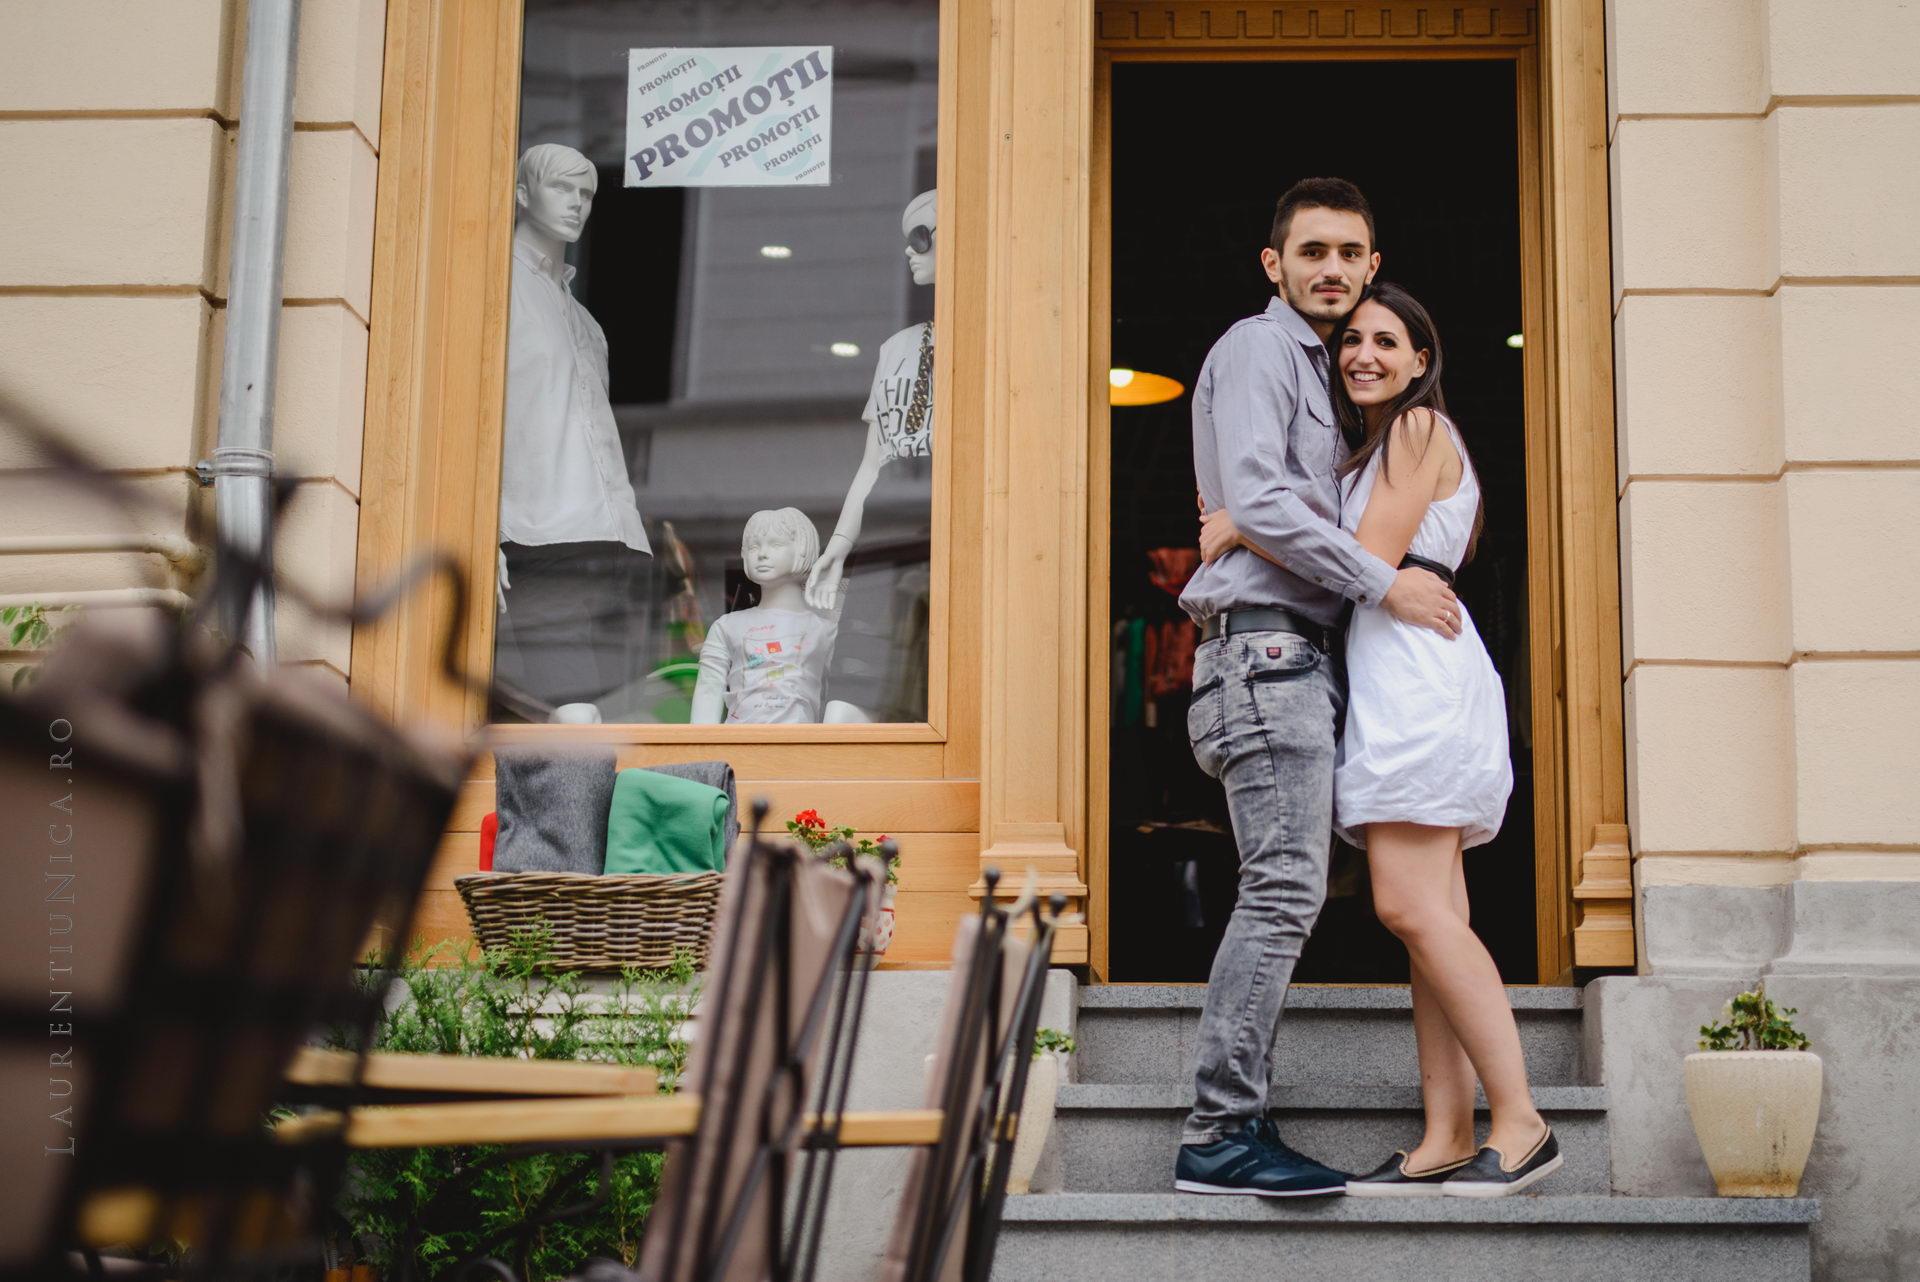 sedinta foto save the date fotograf laurentiu nica craiova 23 - Ramona & Marius | Sedinta foto Save the Date